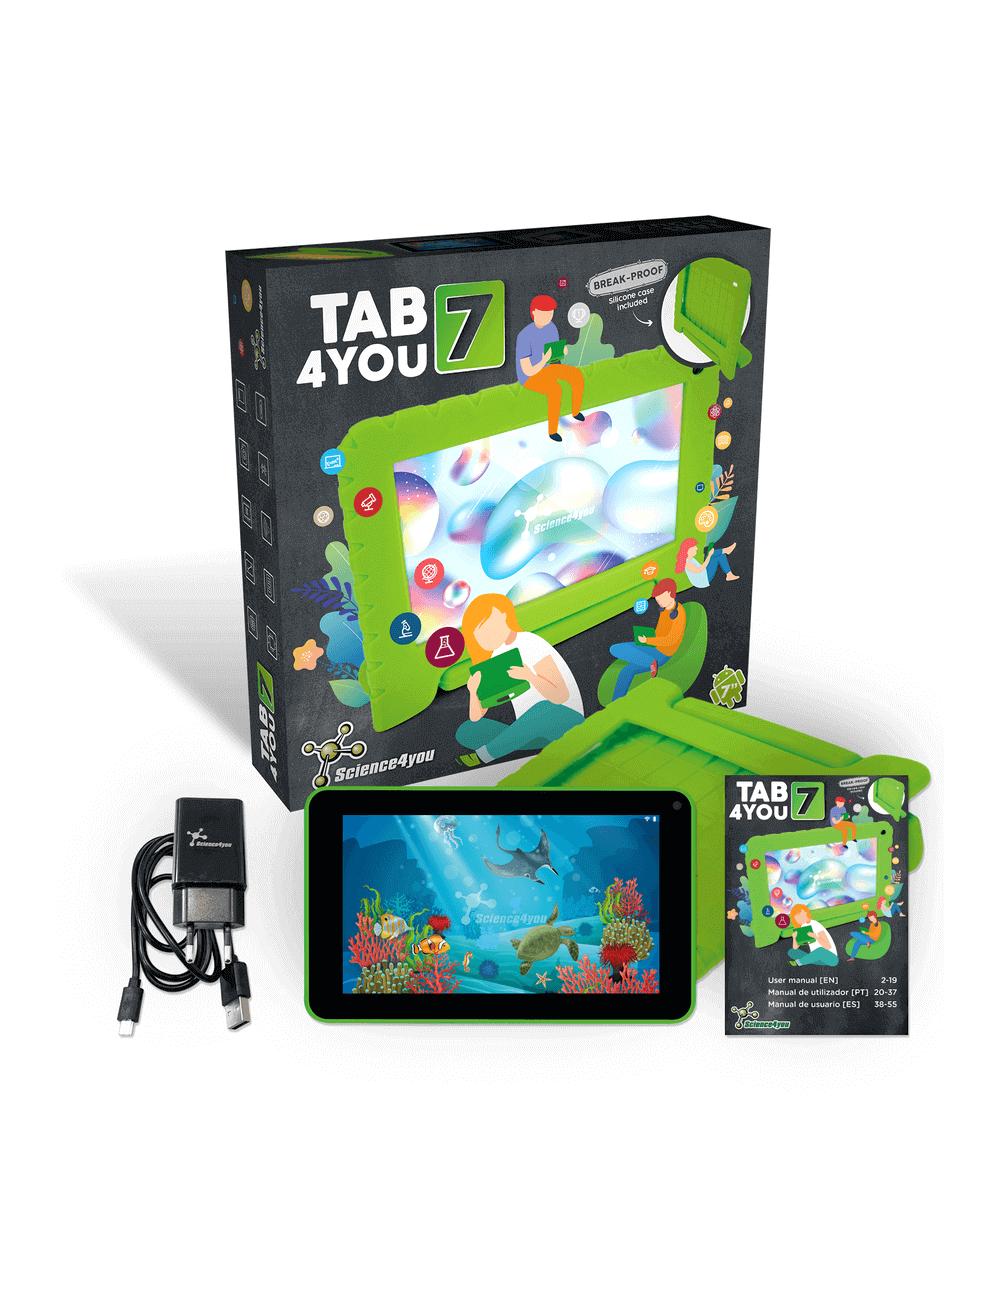 Tab4you 7 | Tablet + Capa de Proteção